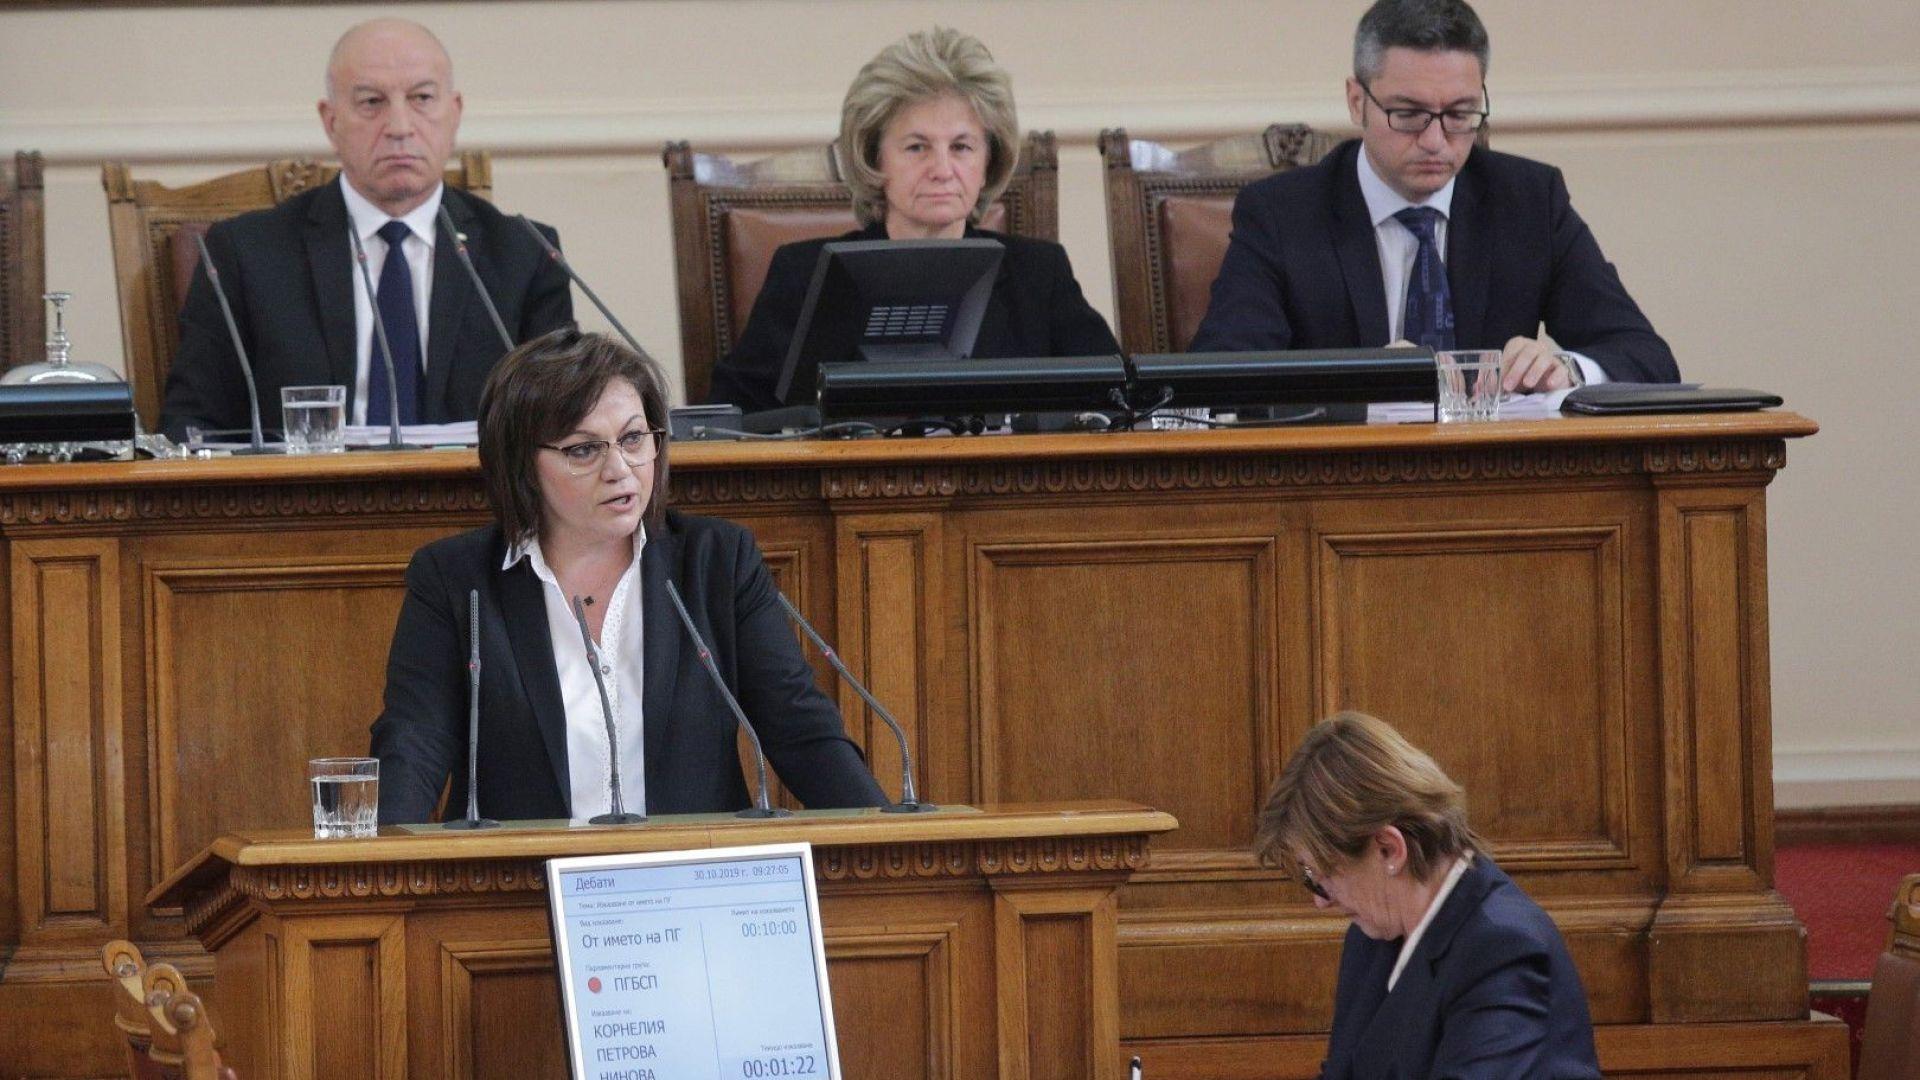 Нинова обвини властта в купуване на гласове, Дариткова й отговори, че ще променят изборните правила